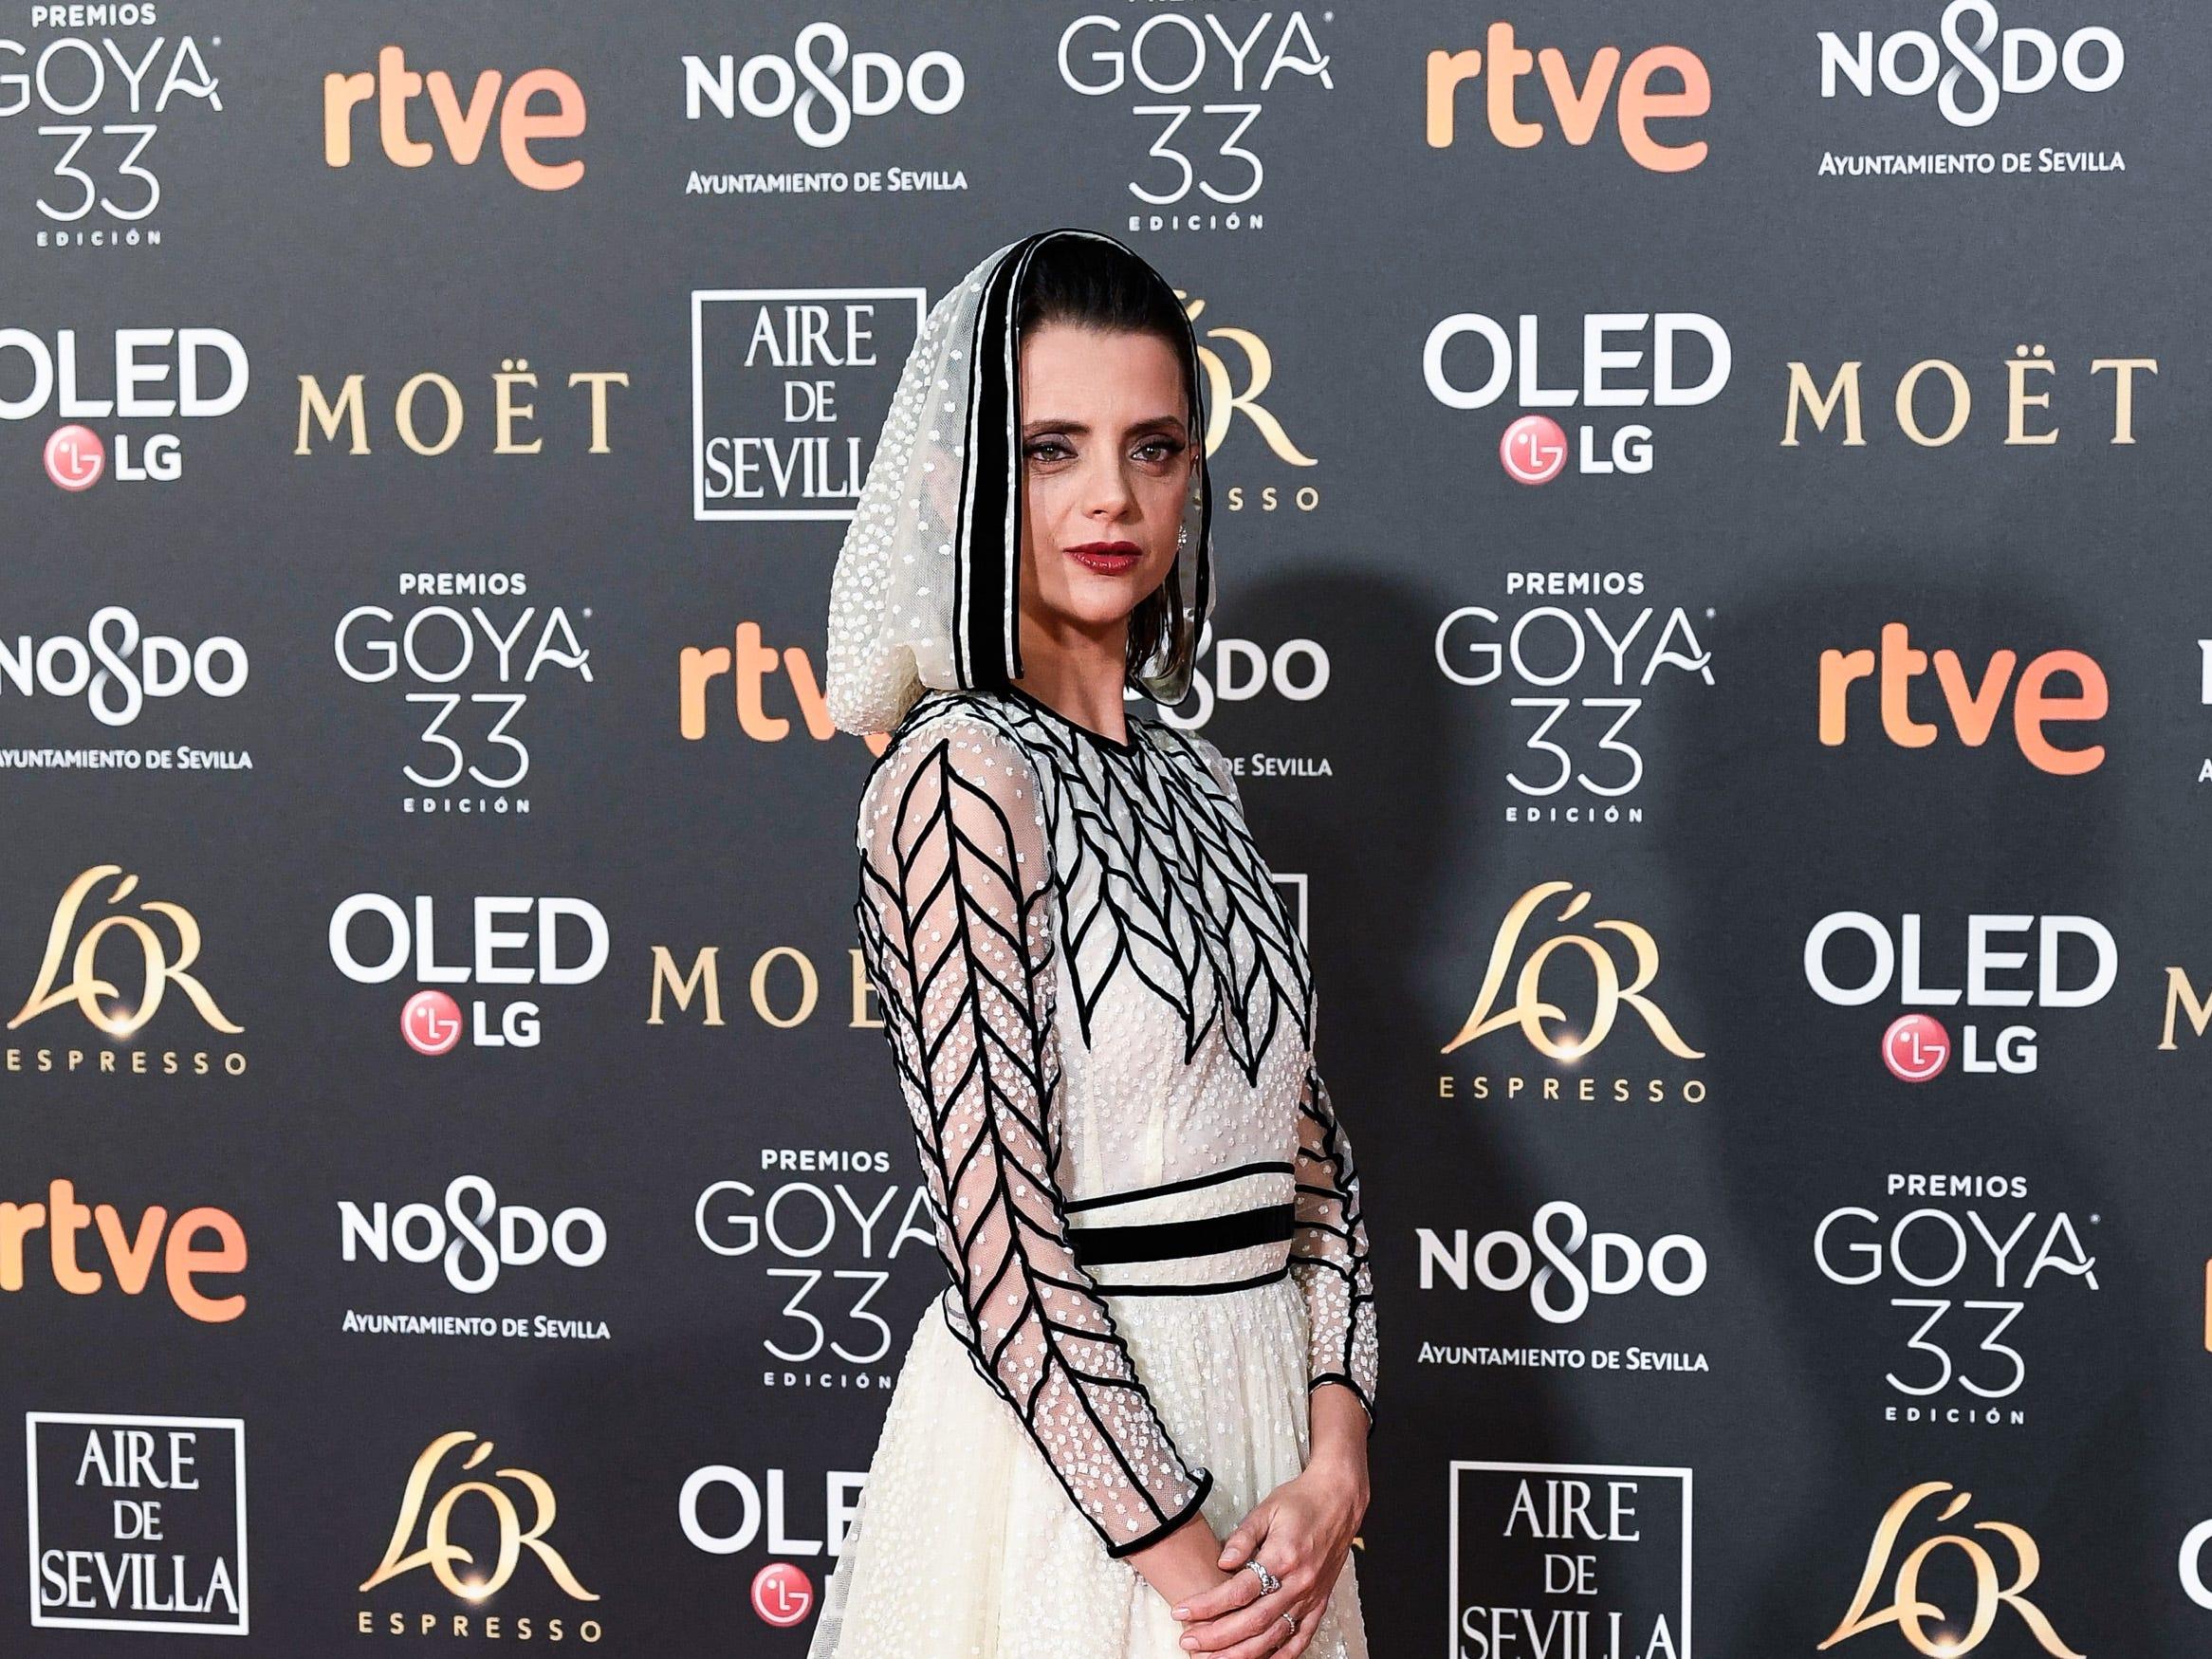 Macarena Gómez asiste a la 33ª edición de los Premios de Cine Goya en el Palacio de Congresos y Exposiciones FIBES el 2 de febrero de 2019 en Sevilla, España.